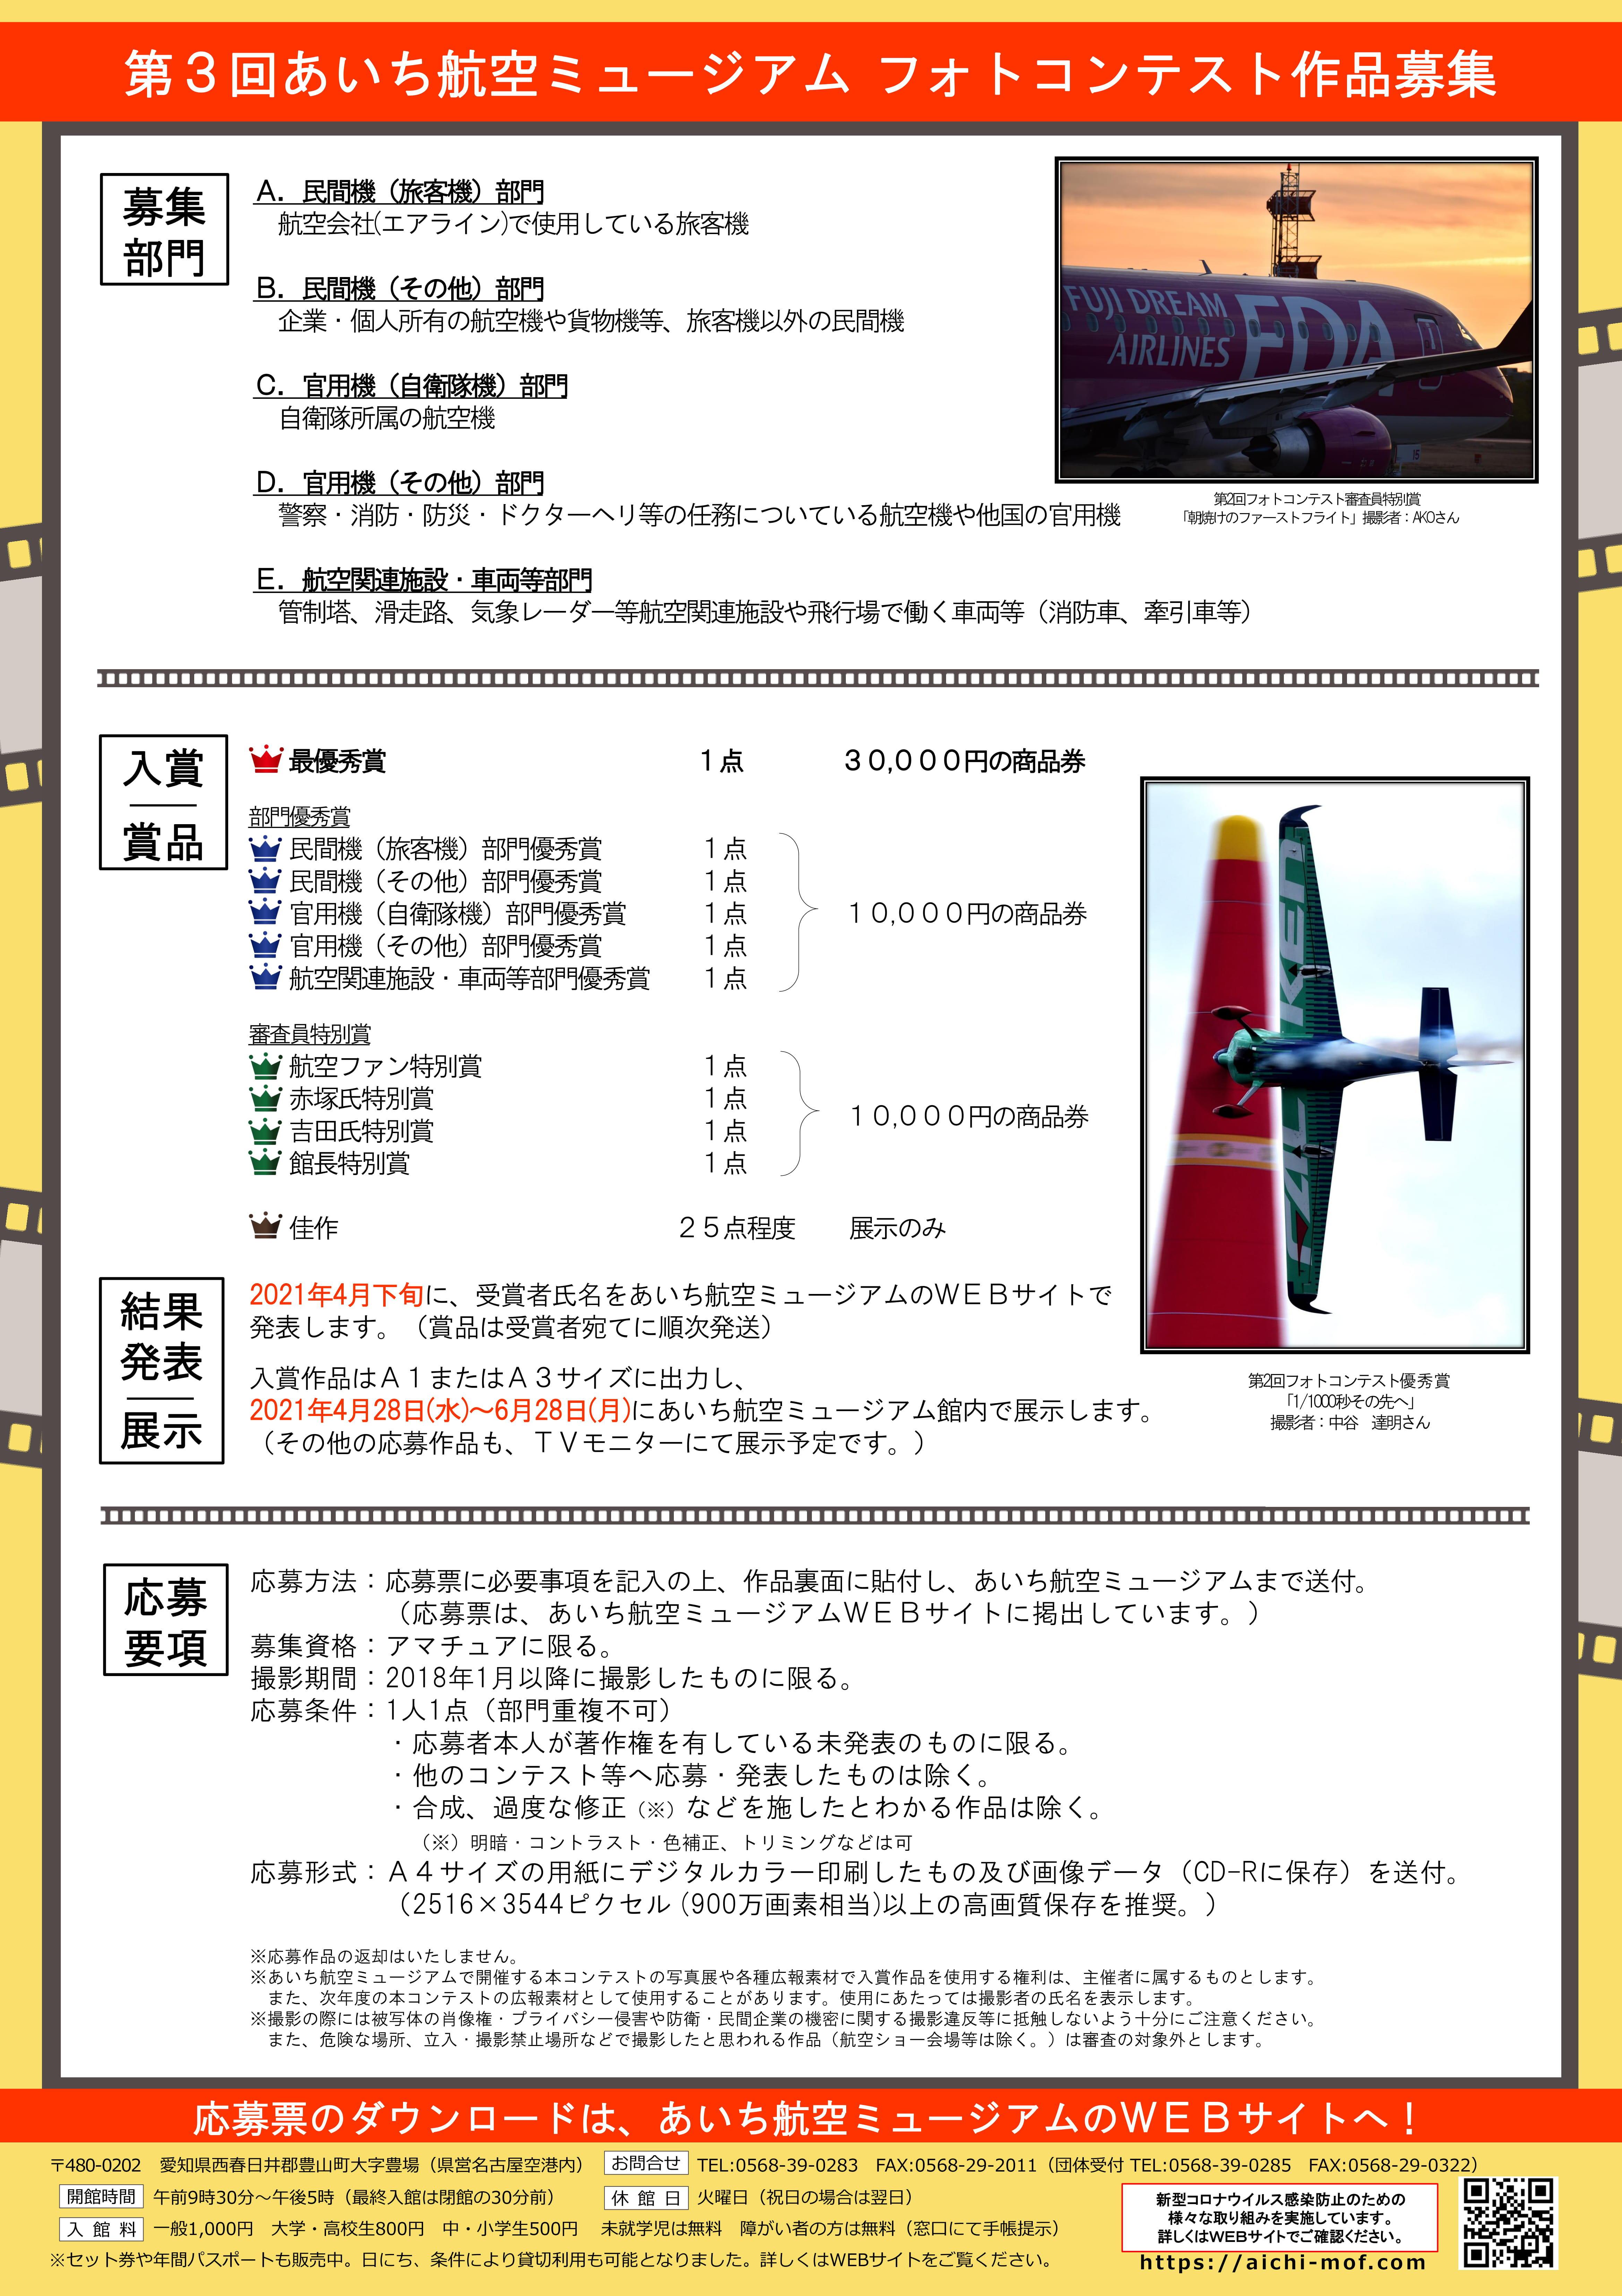 【最終版】第3回フォトコンテストチラシ(裏).jpg